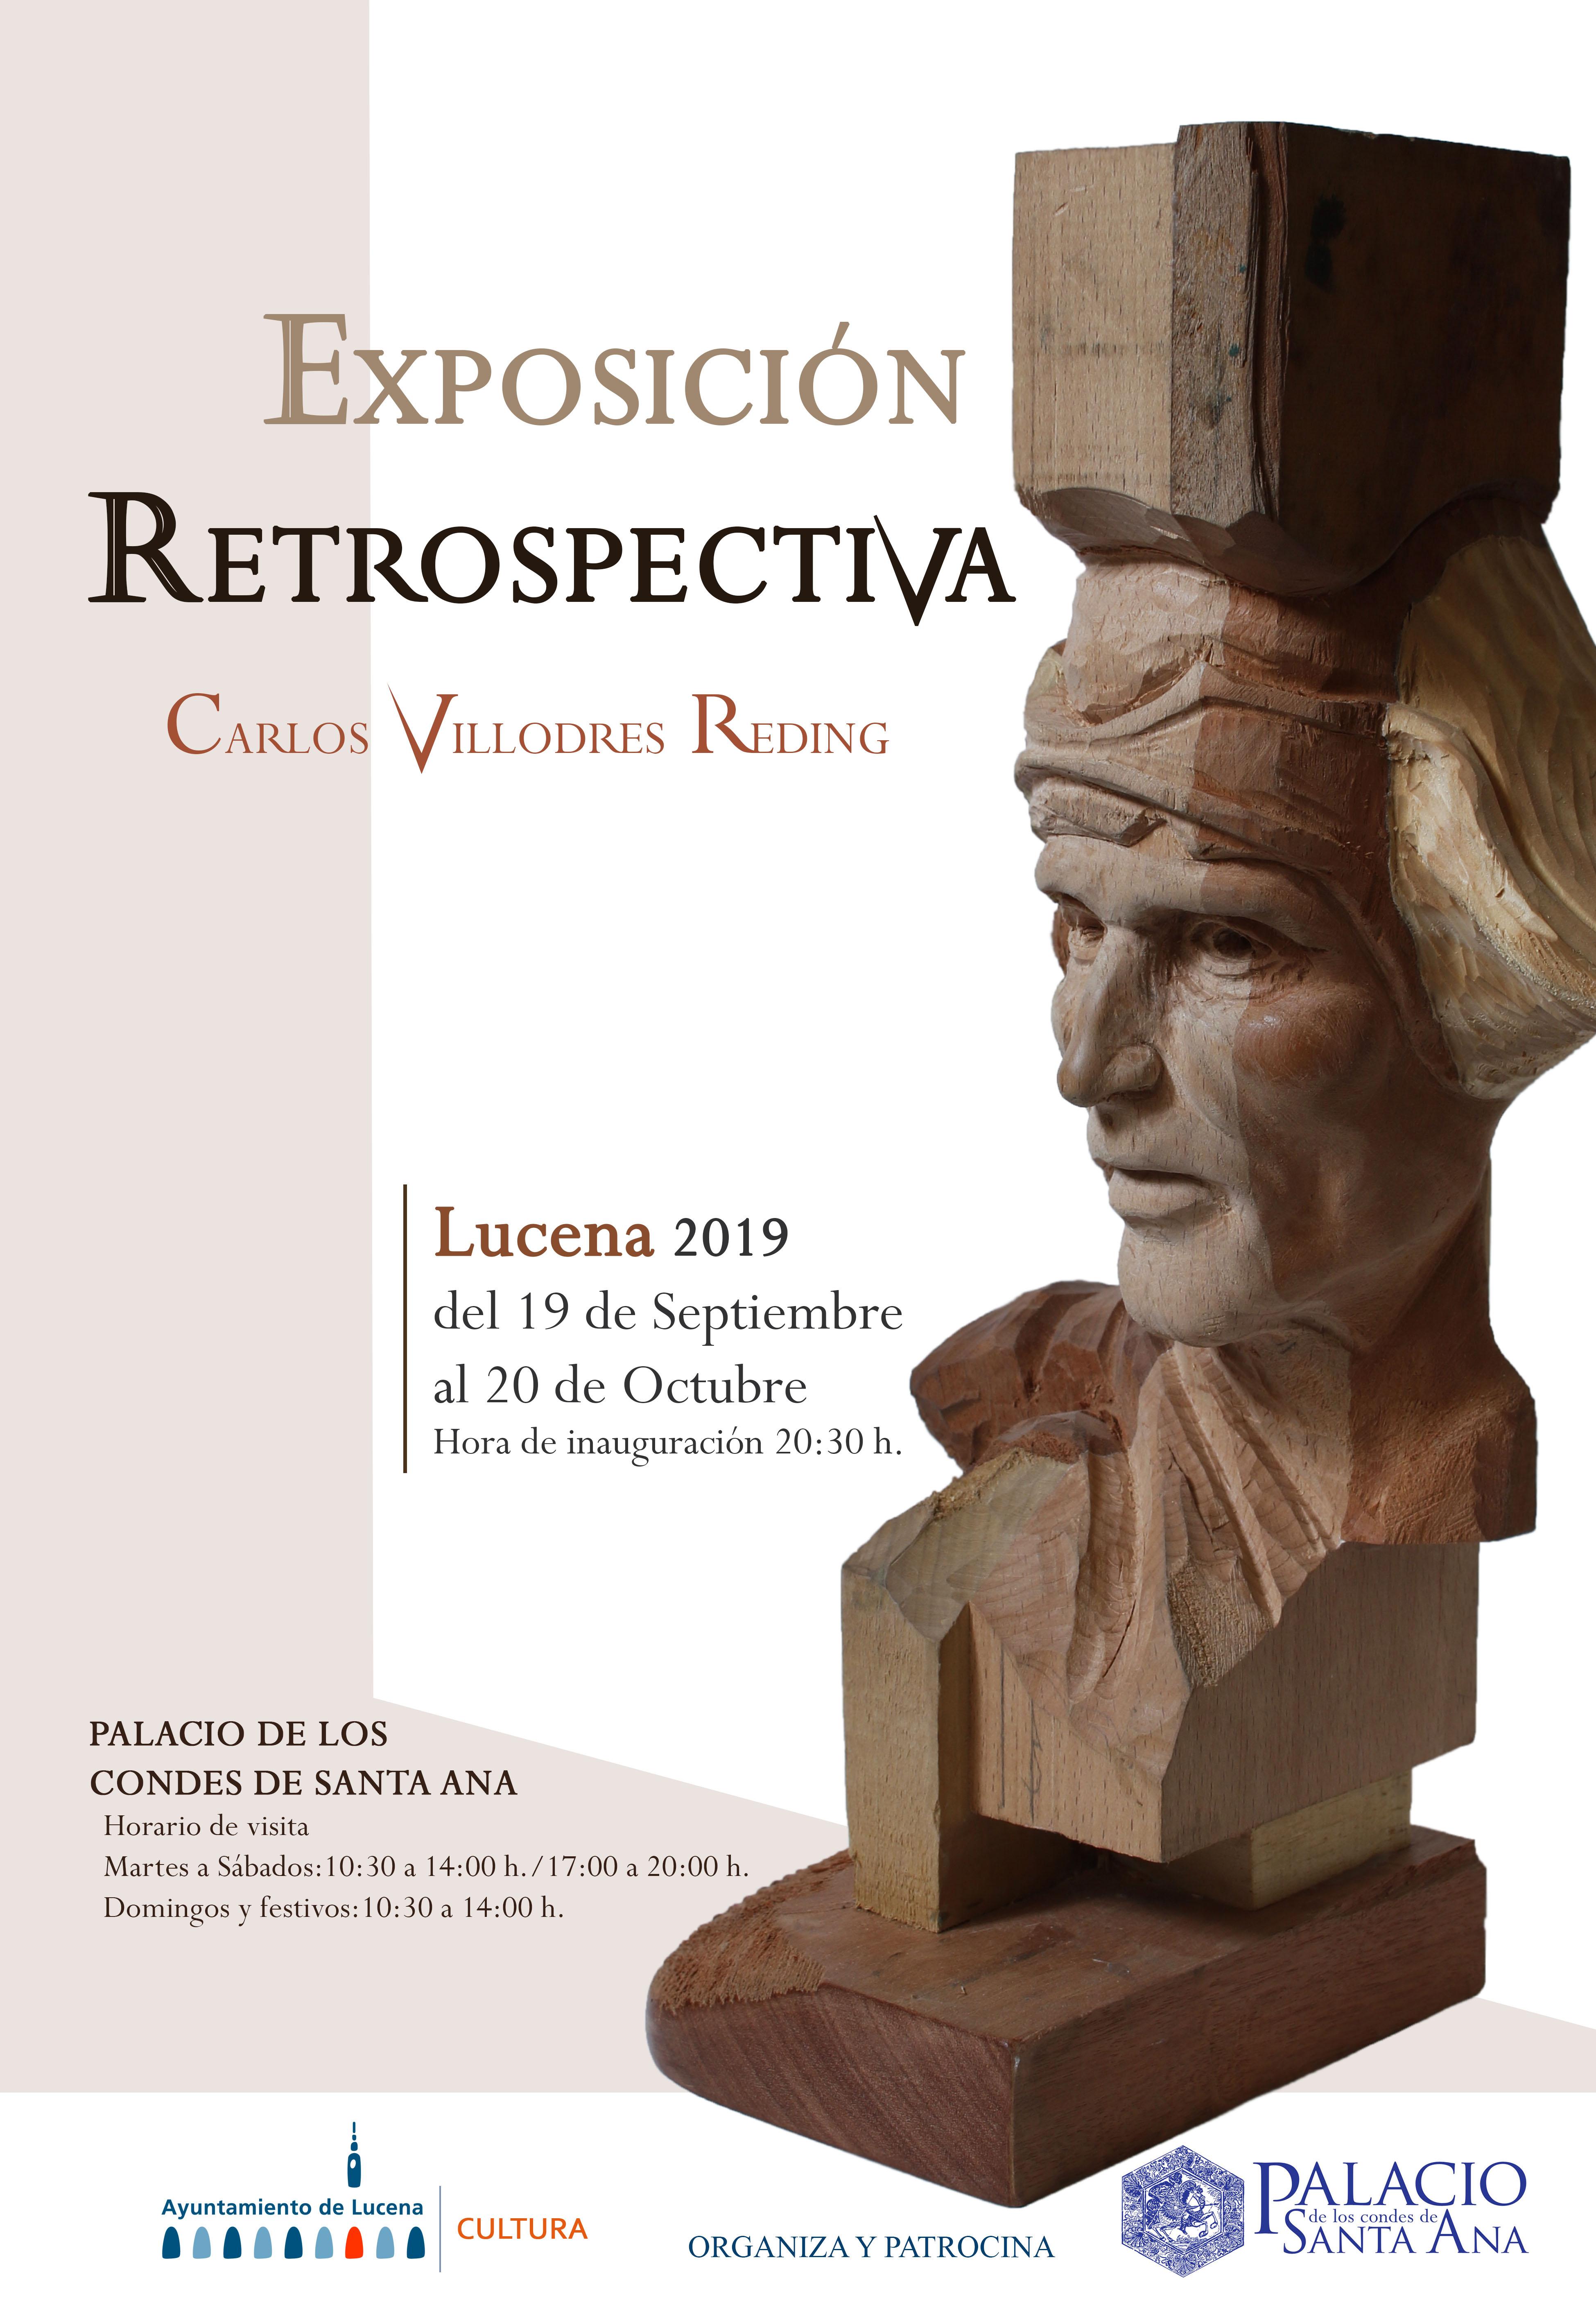 'Retrospectiva' del malagueño Carlos Villodres @ Palacio Condes de Santa Ana